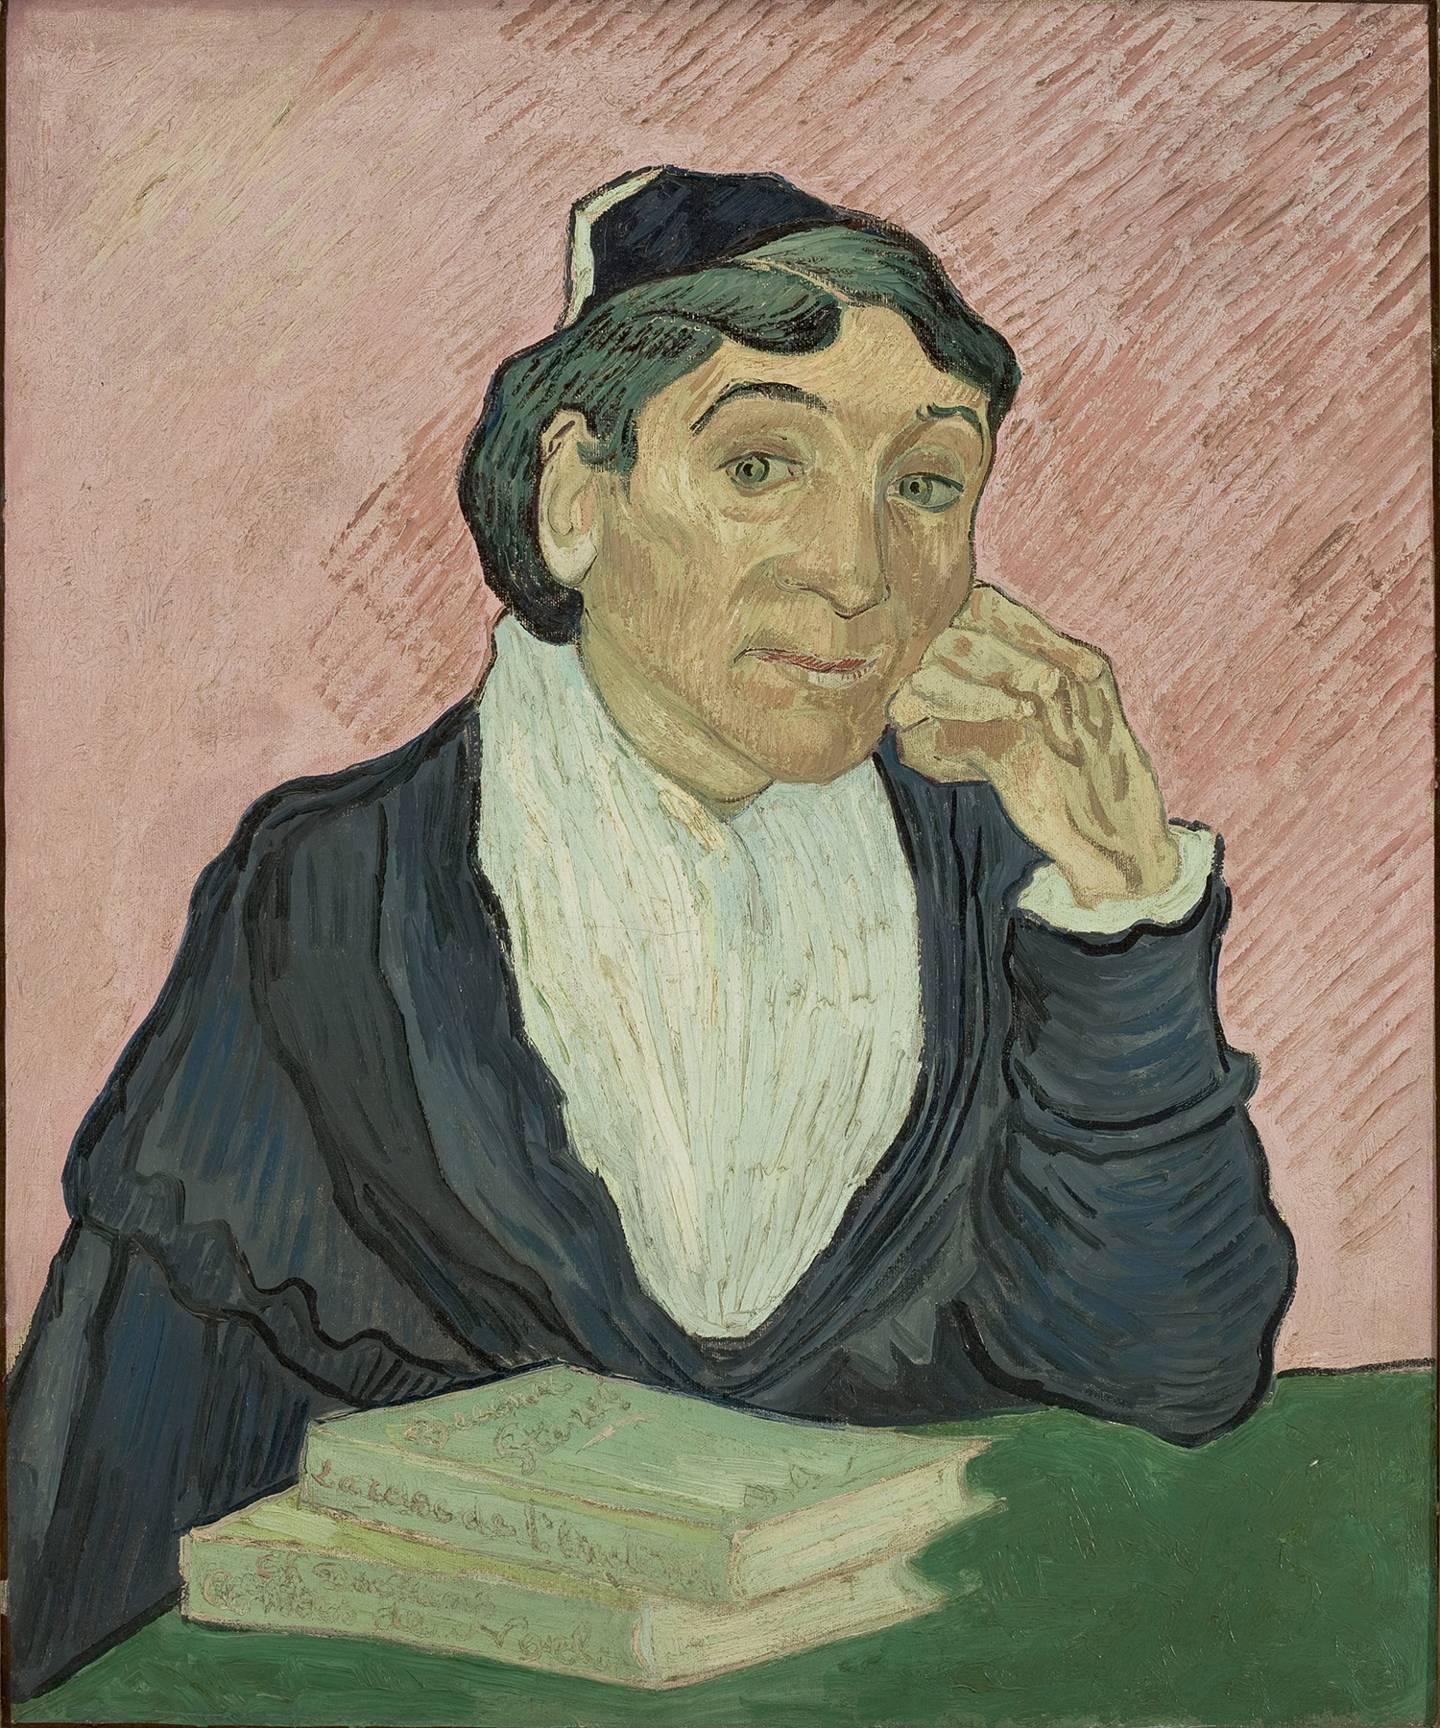 The untold story: 'L'Arlesienne' by Van Gogh